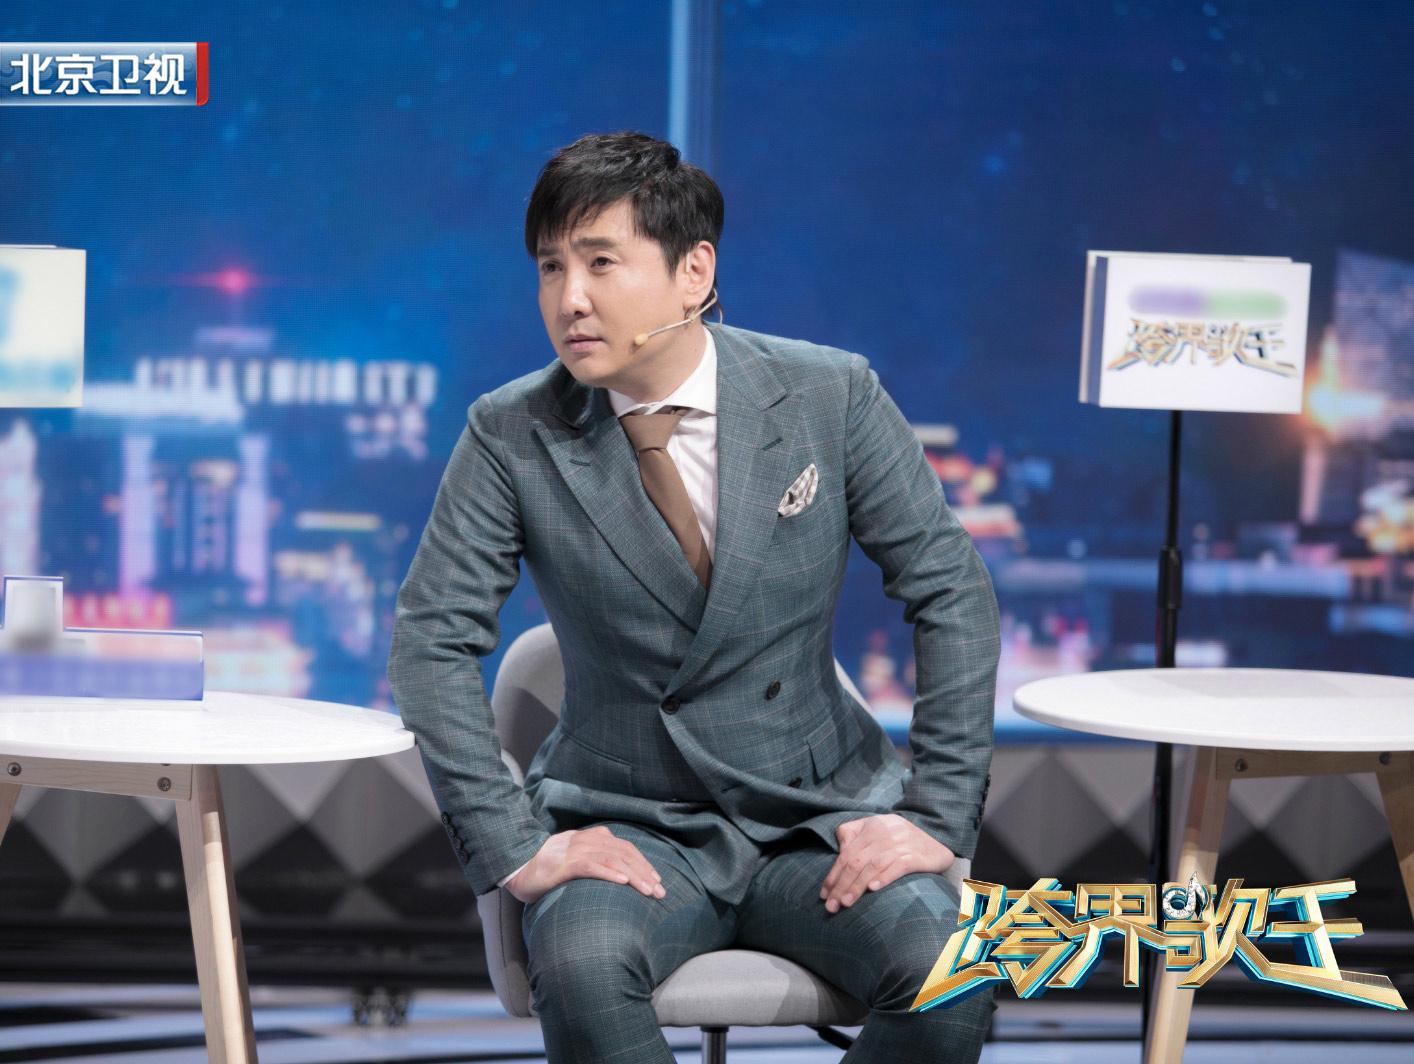 北京卫视2019《跨界歌王》震撼开唱热度不减